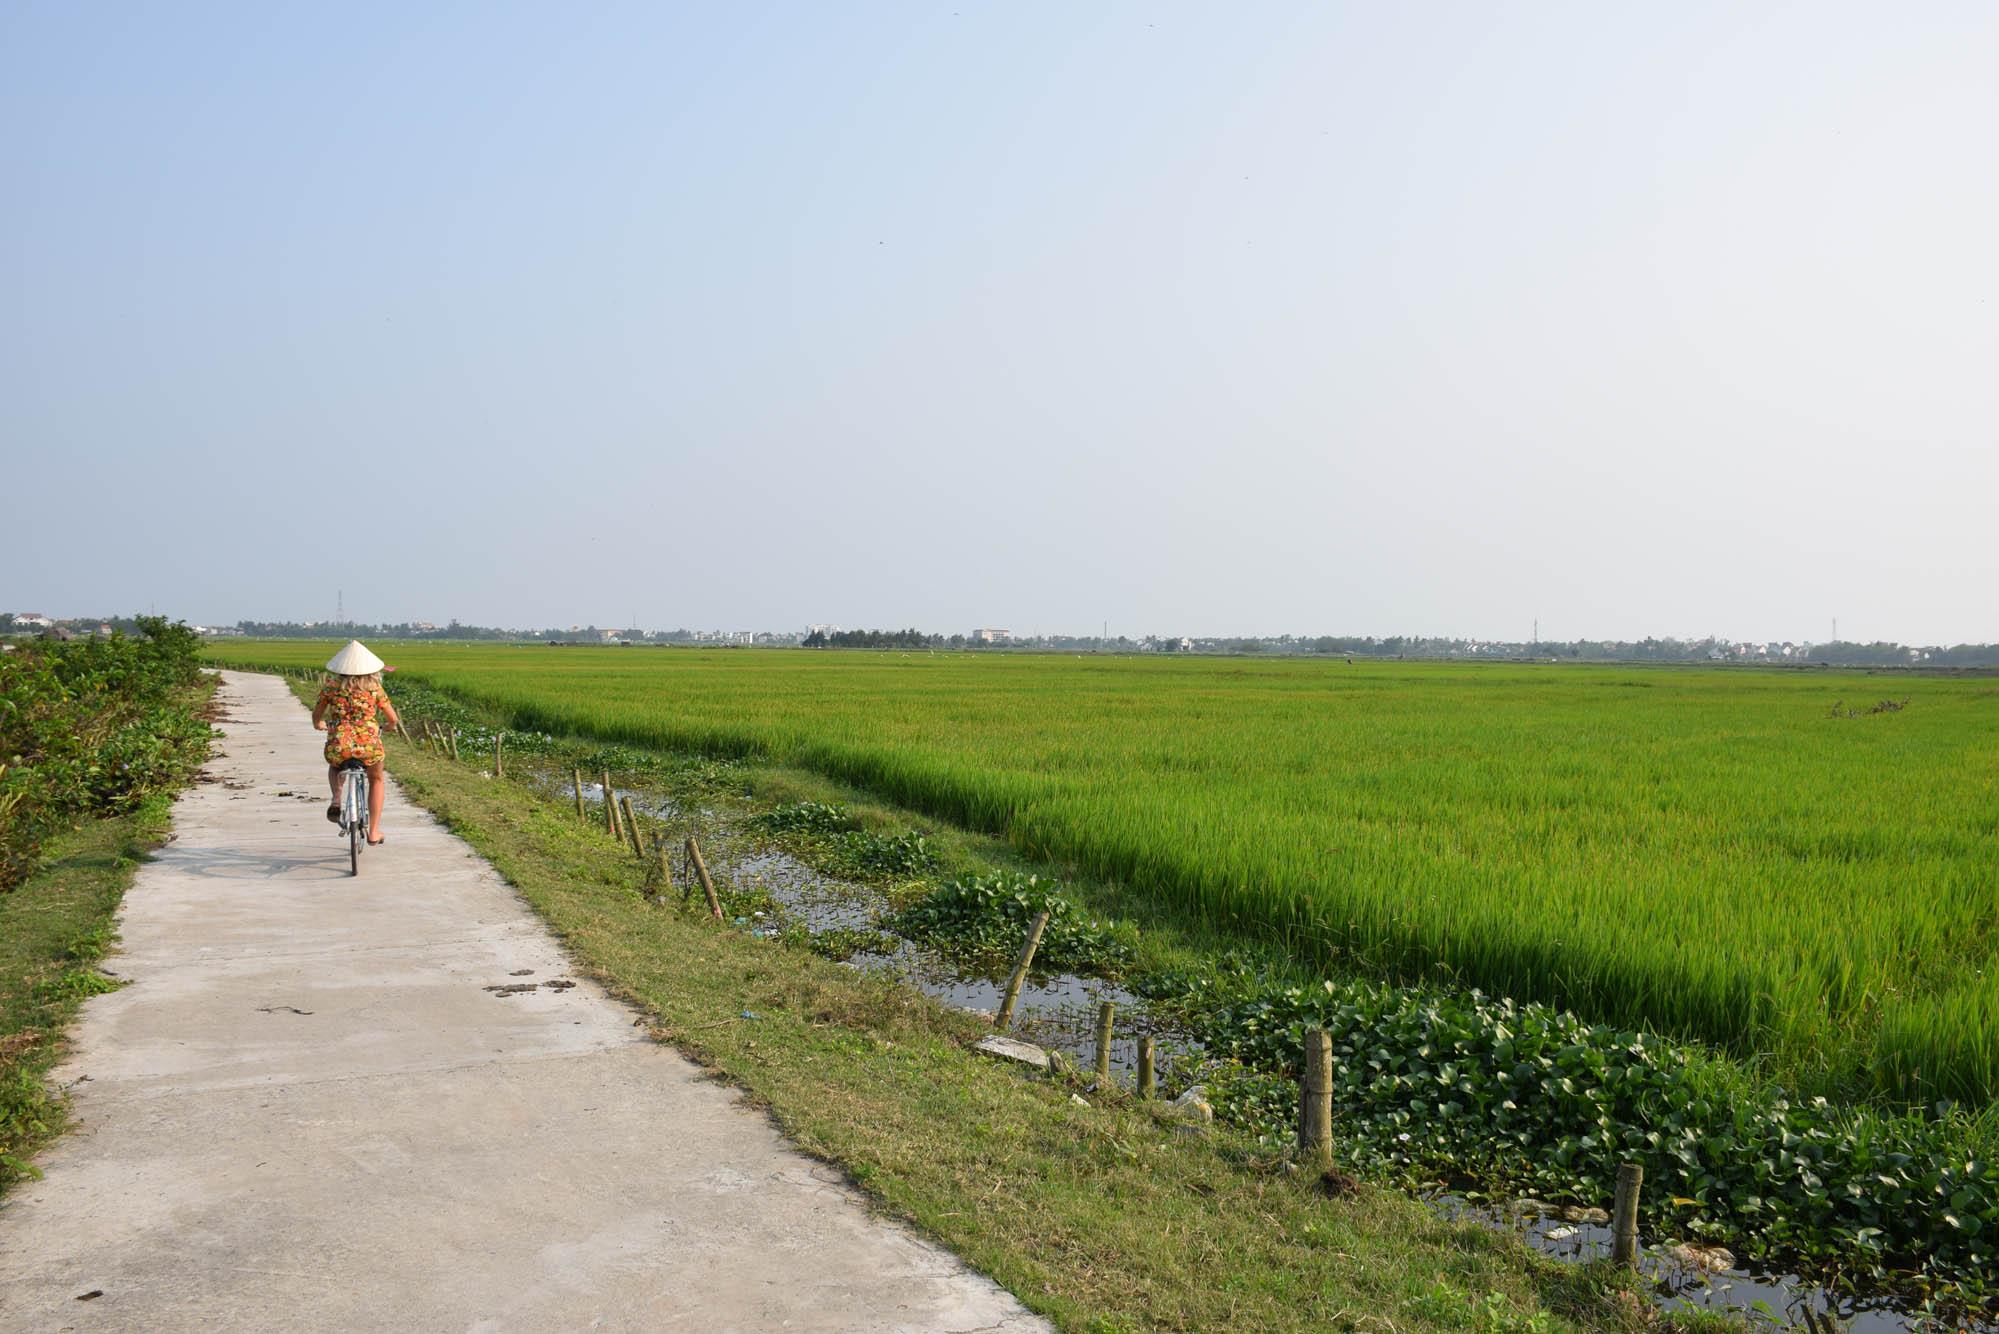 Pelas plantações de arroz no caminho entre Hoi An e a praia